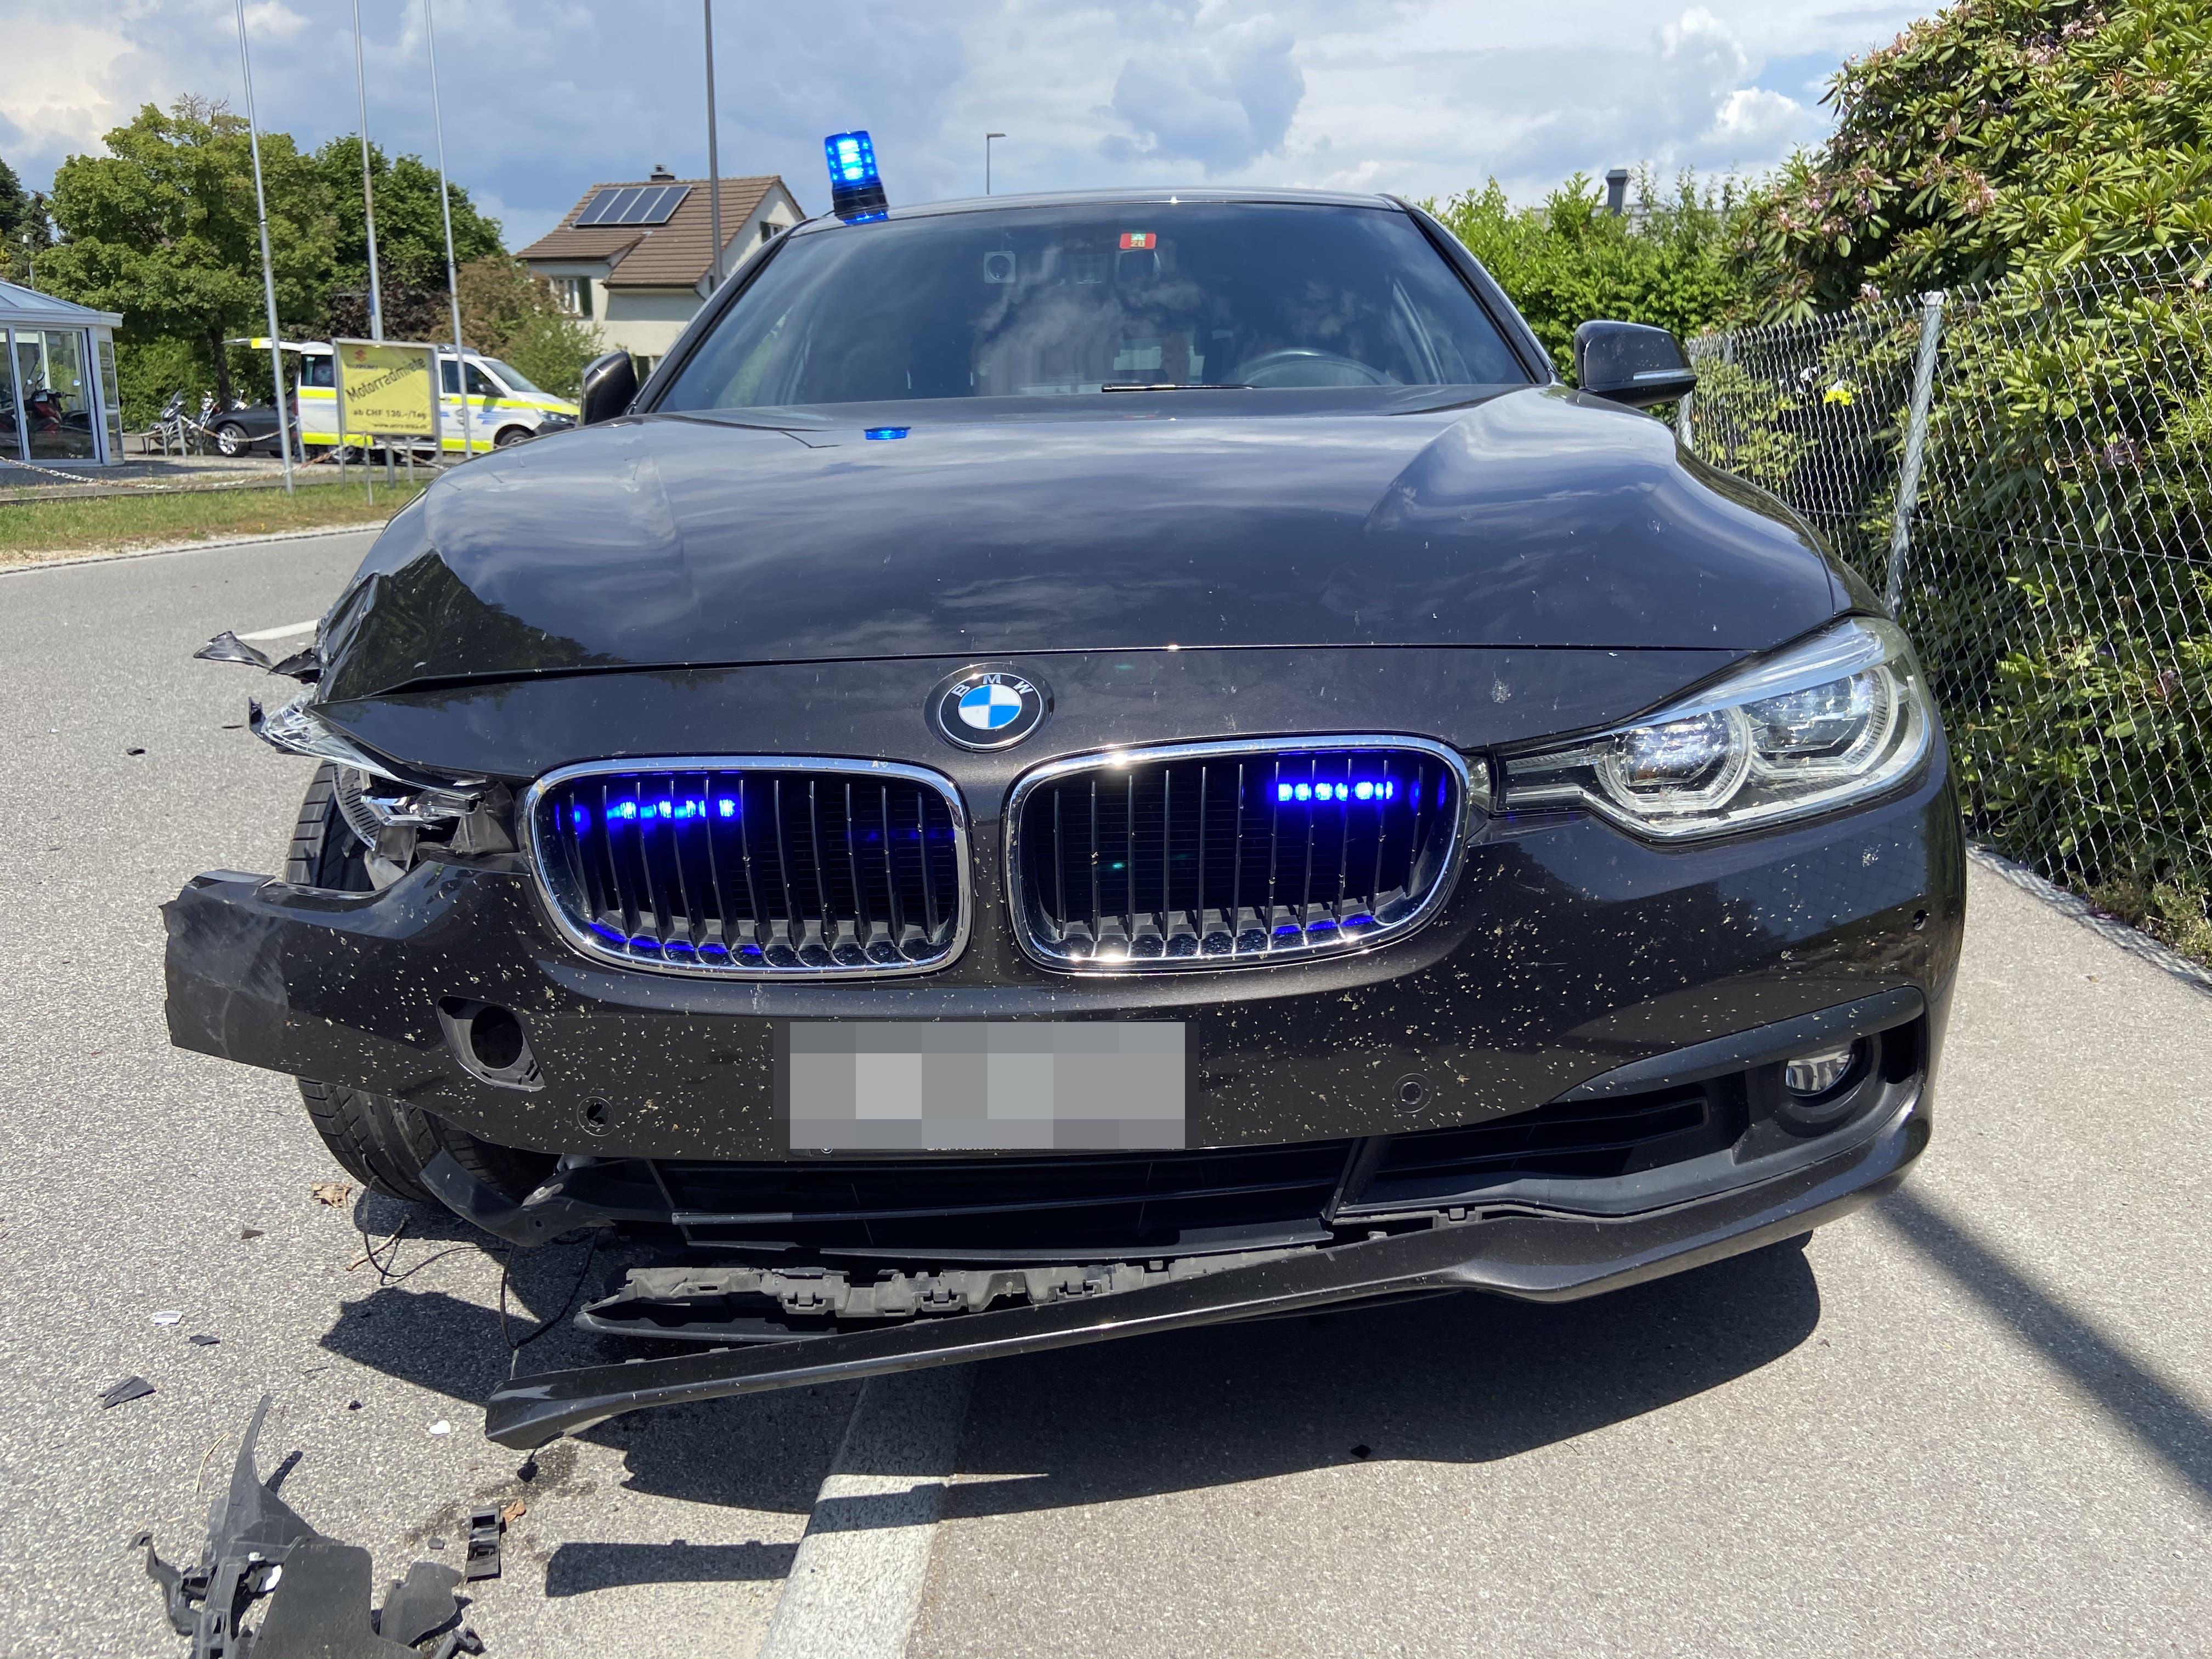 Der Fahrer des Polizeiwagens wollte ein Auto überholen, das links abbog.